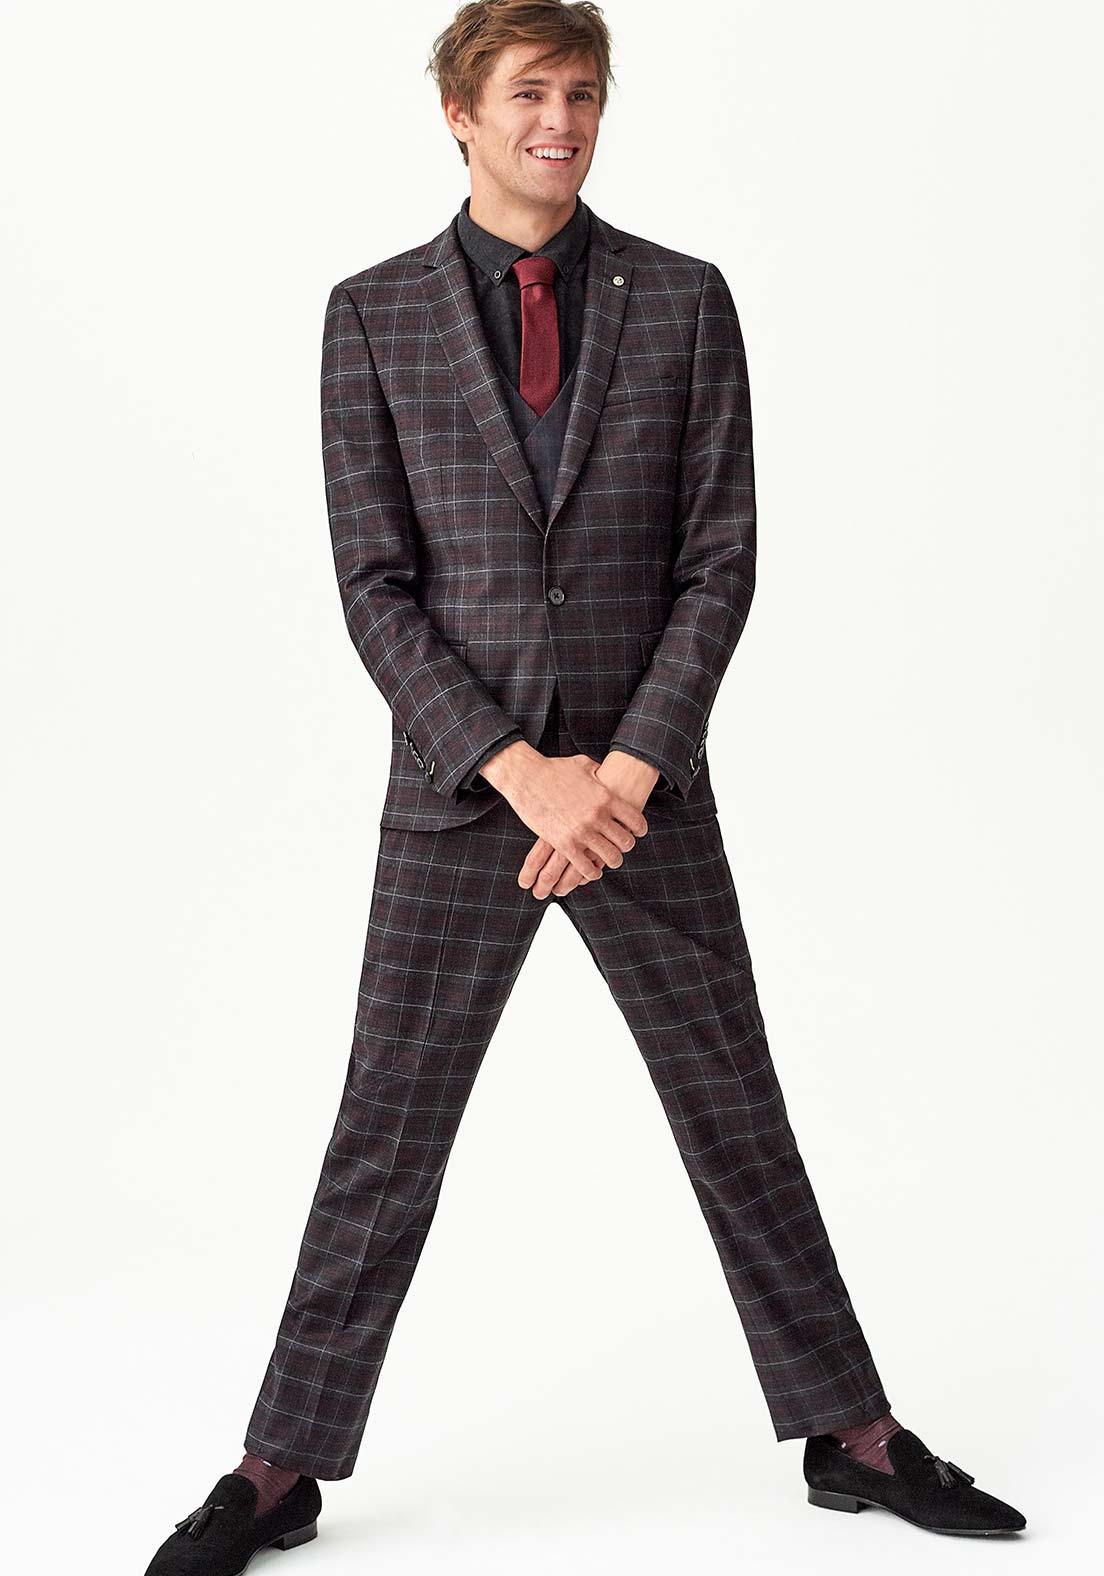 20 Perfekt Abendbekleidung Für Herren VertriebDesigner Top Abendbekleidung Für Herren Bester Preis